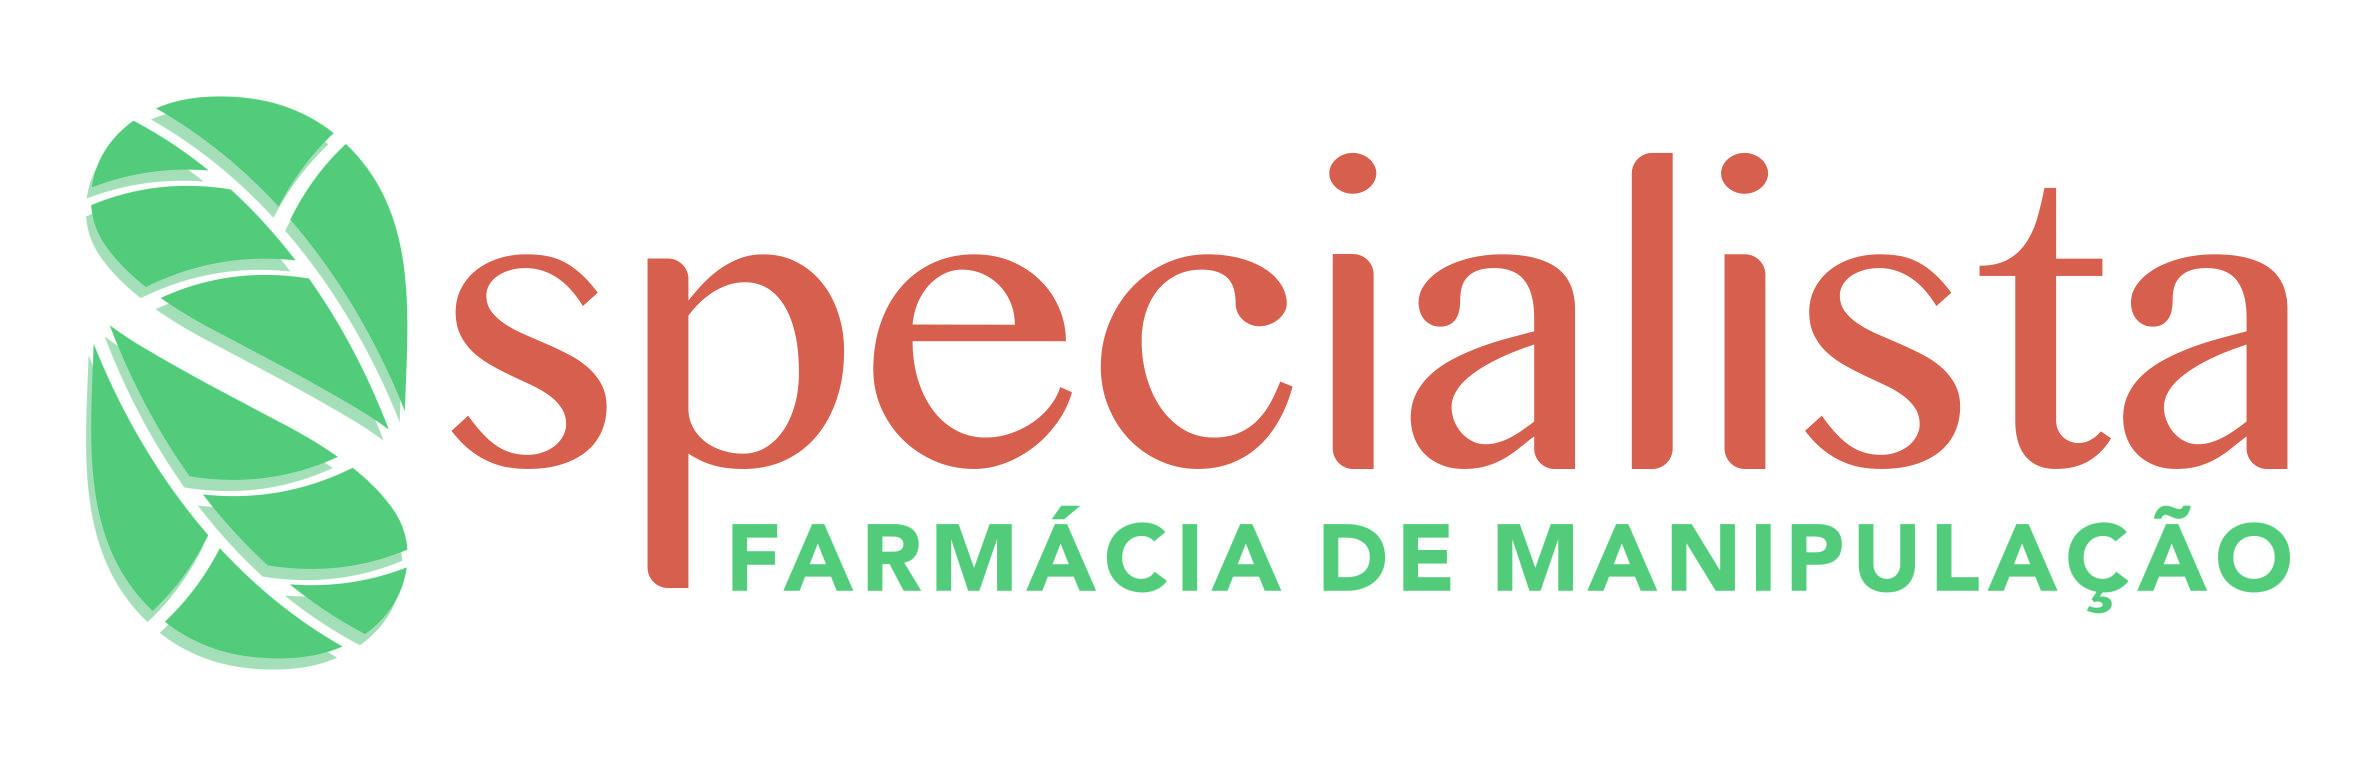 Specialista Farmácia de Manipulação